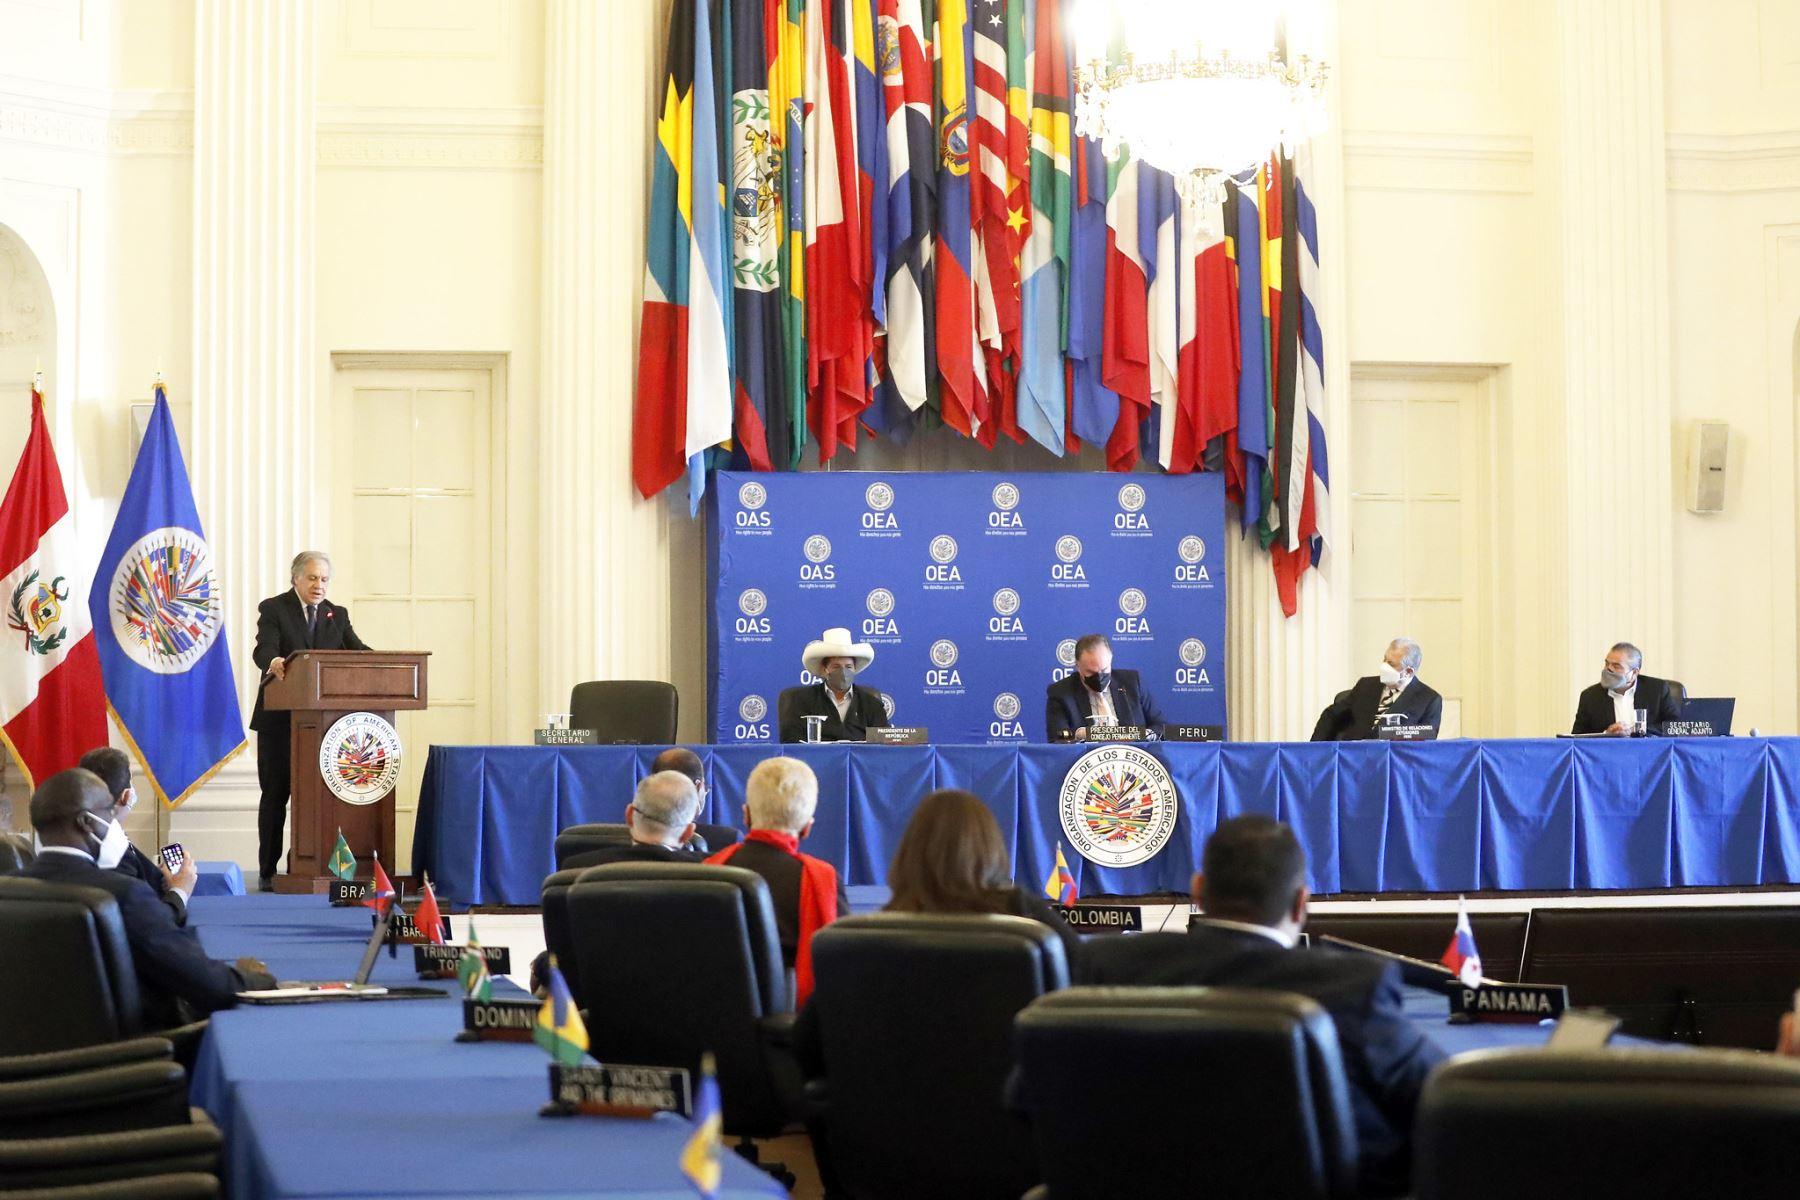 Jefe de Estado, Pedro Castillo, participó de la Sesión del Consejo Permanente de la Organización de Estados Americanos (OEA), en Washigton D.C. Foto: ANDINA/Prensa Presidencia